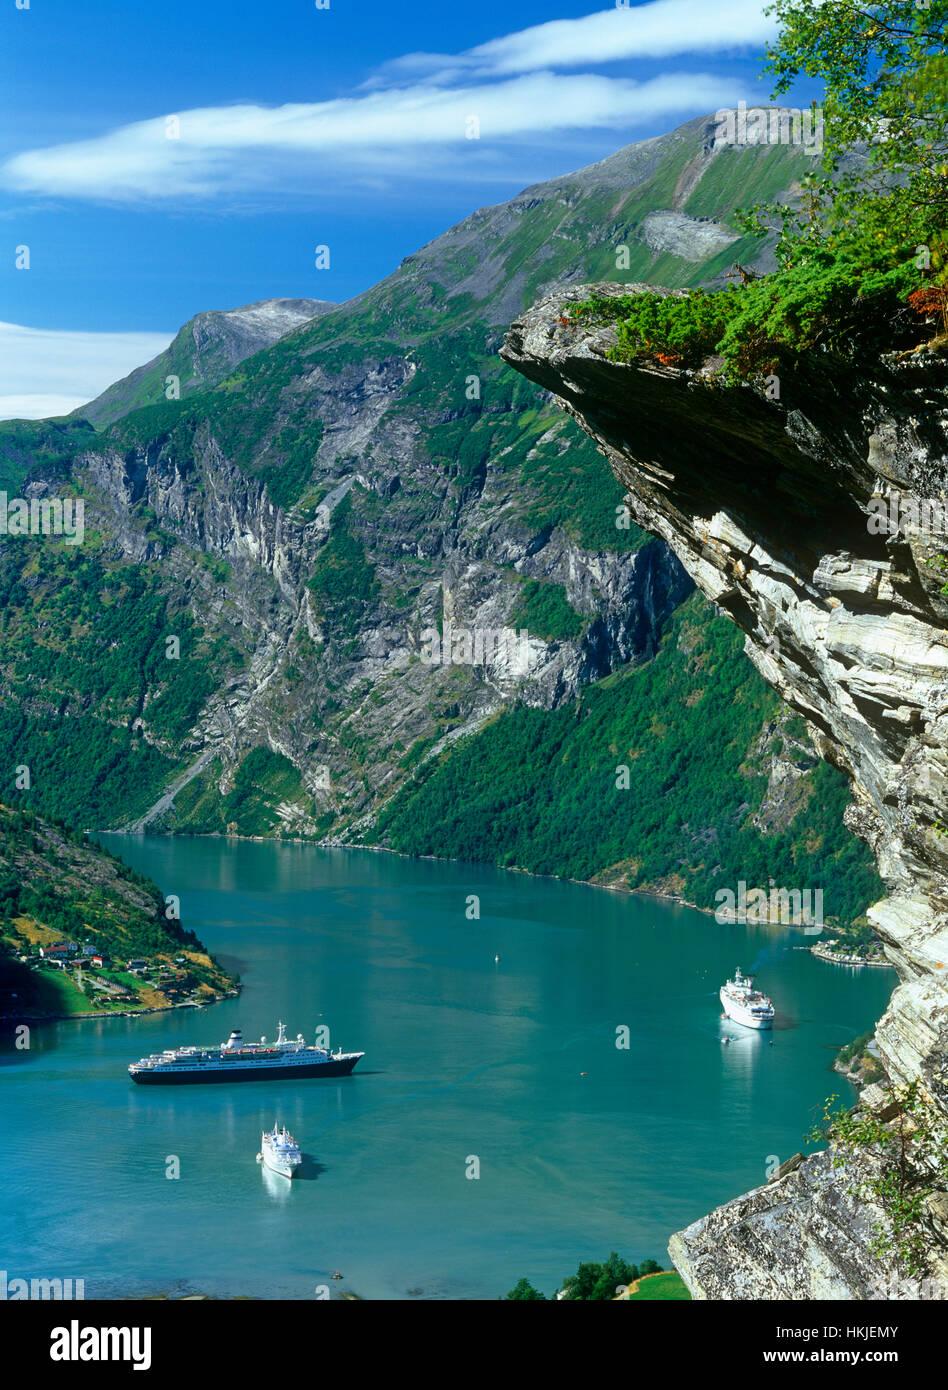 Geirangerfjord, More og Romsdal, Norway - Stock Image